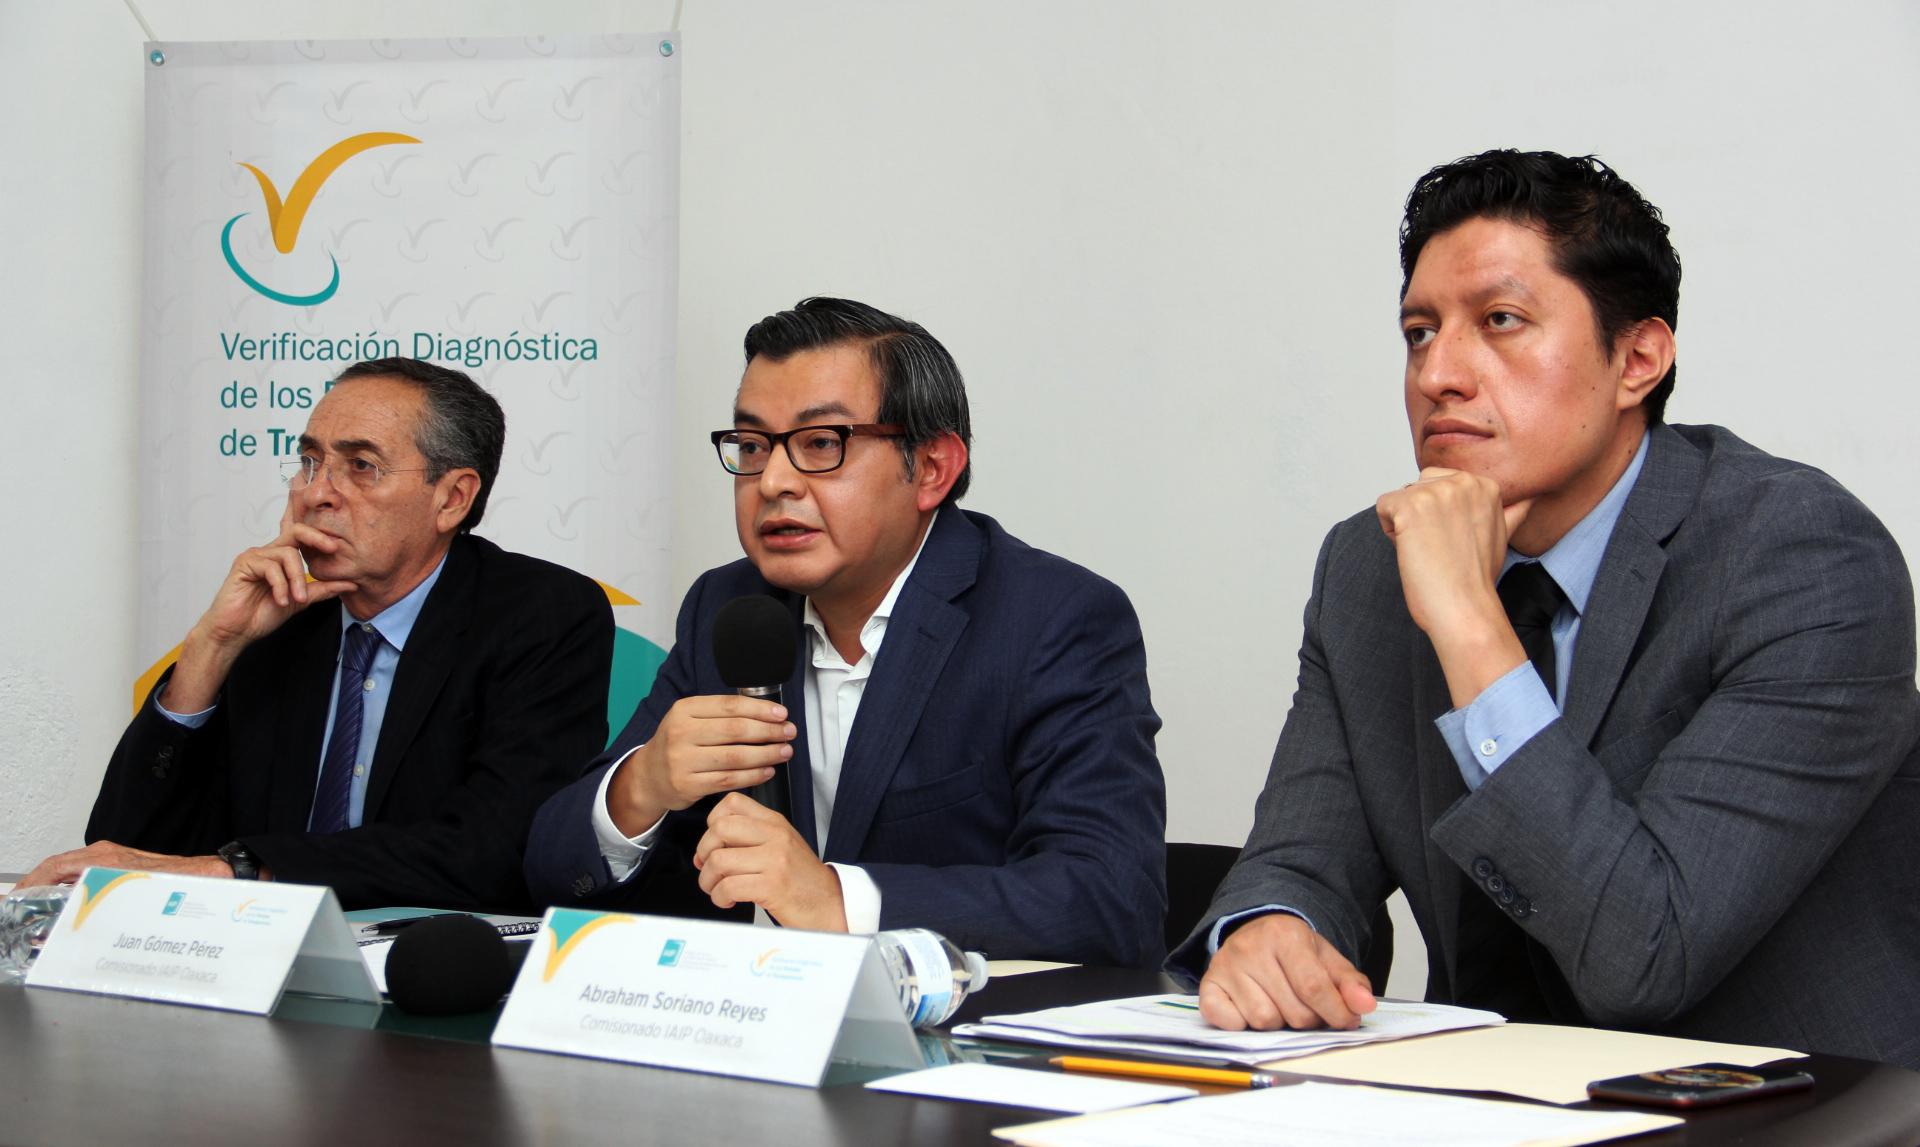 Los comisionados del IAIPO en la presentación de la Metodología para la Verificación